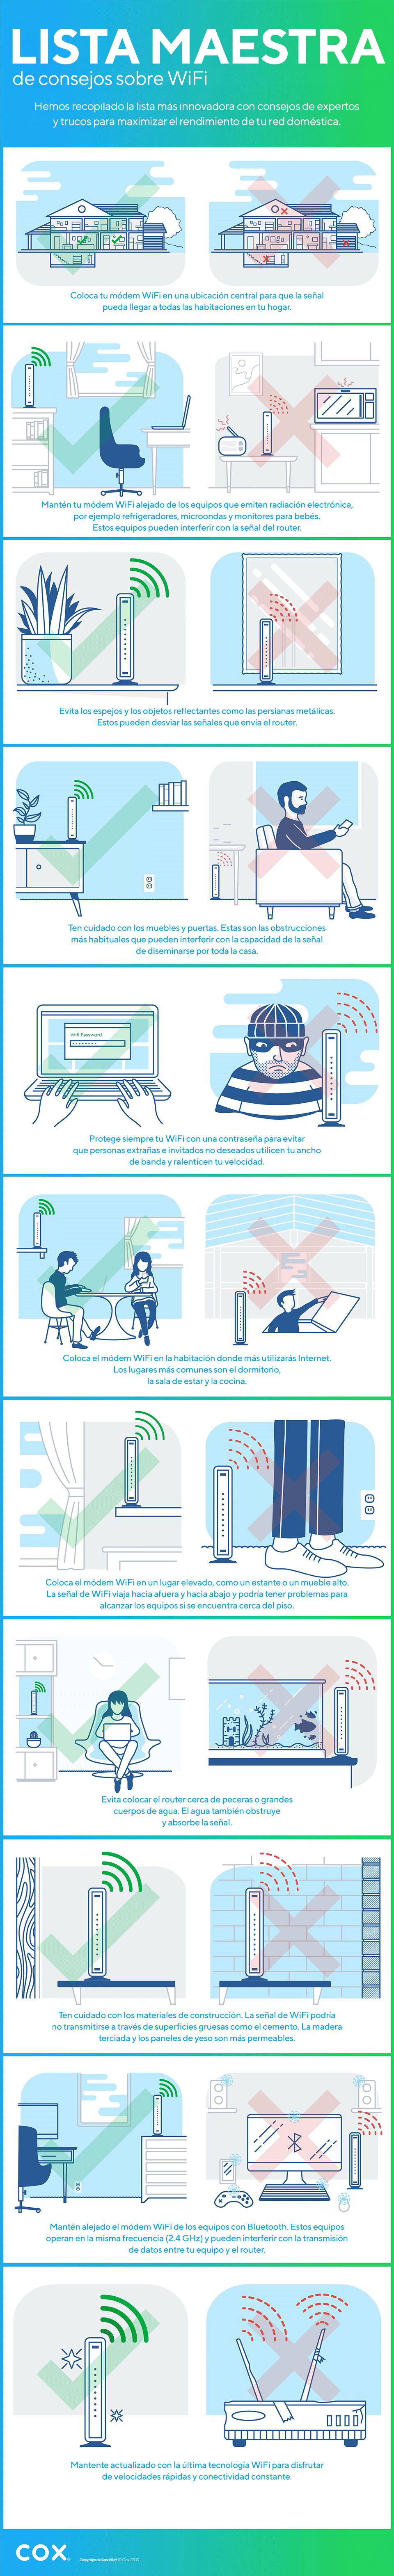 Lista maestra de consejos para mejorar el WiFi